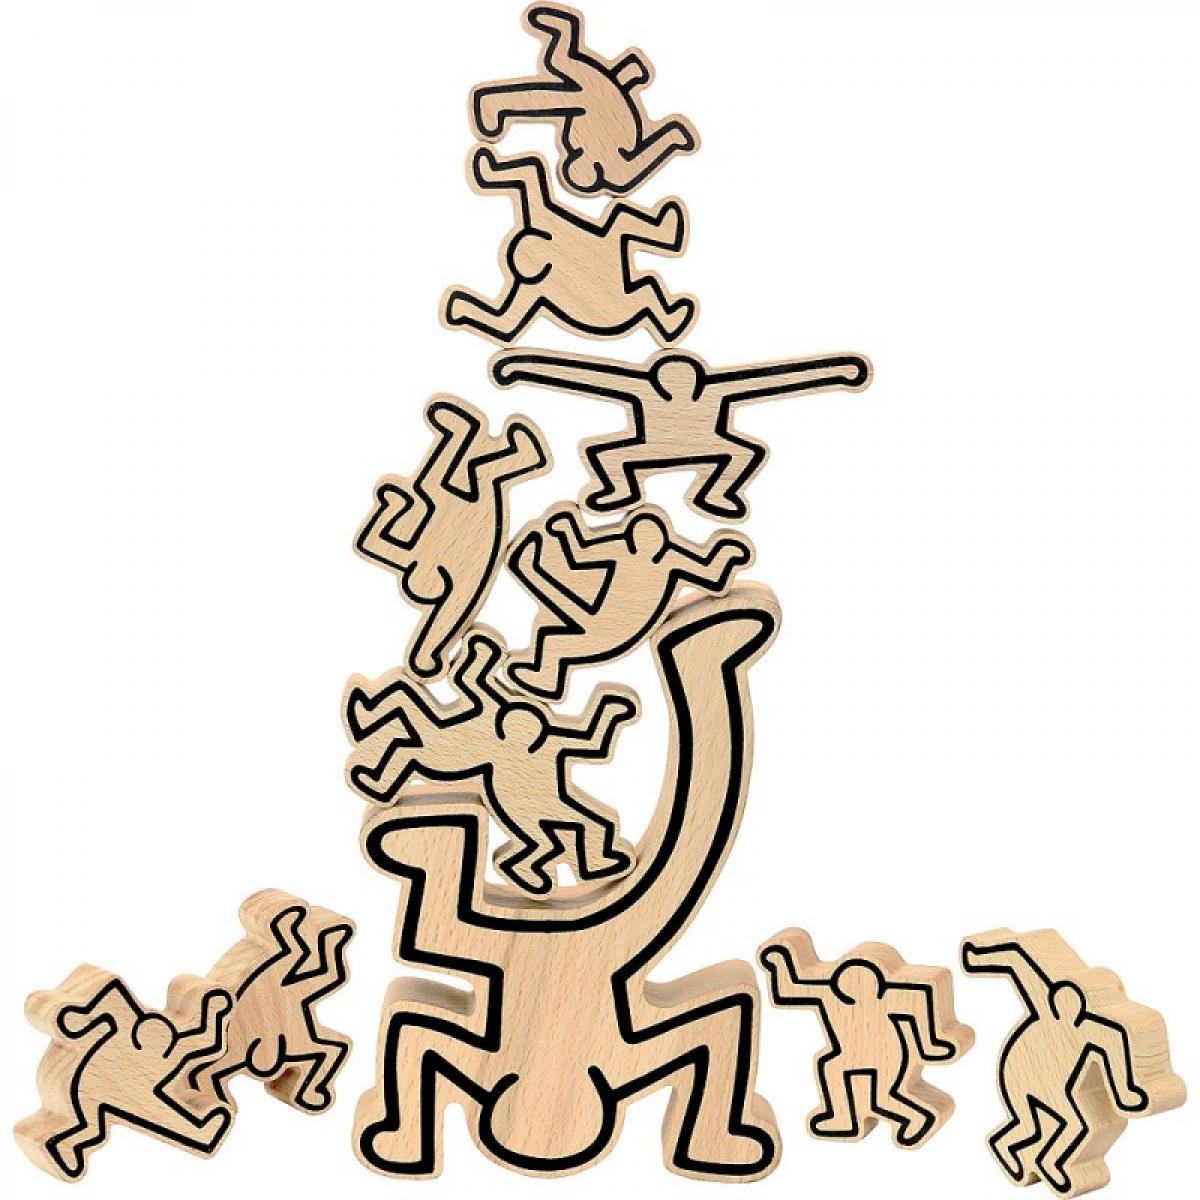 Vilac Jeu d'équilibre Keith Haring - Vilac - Jeux et jouets